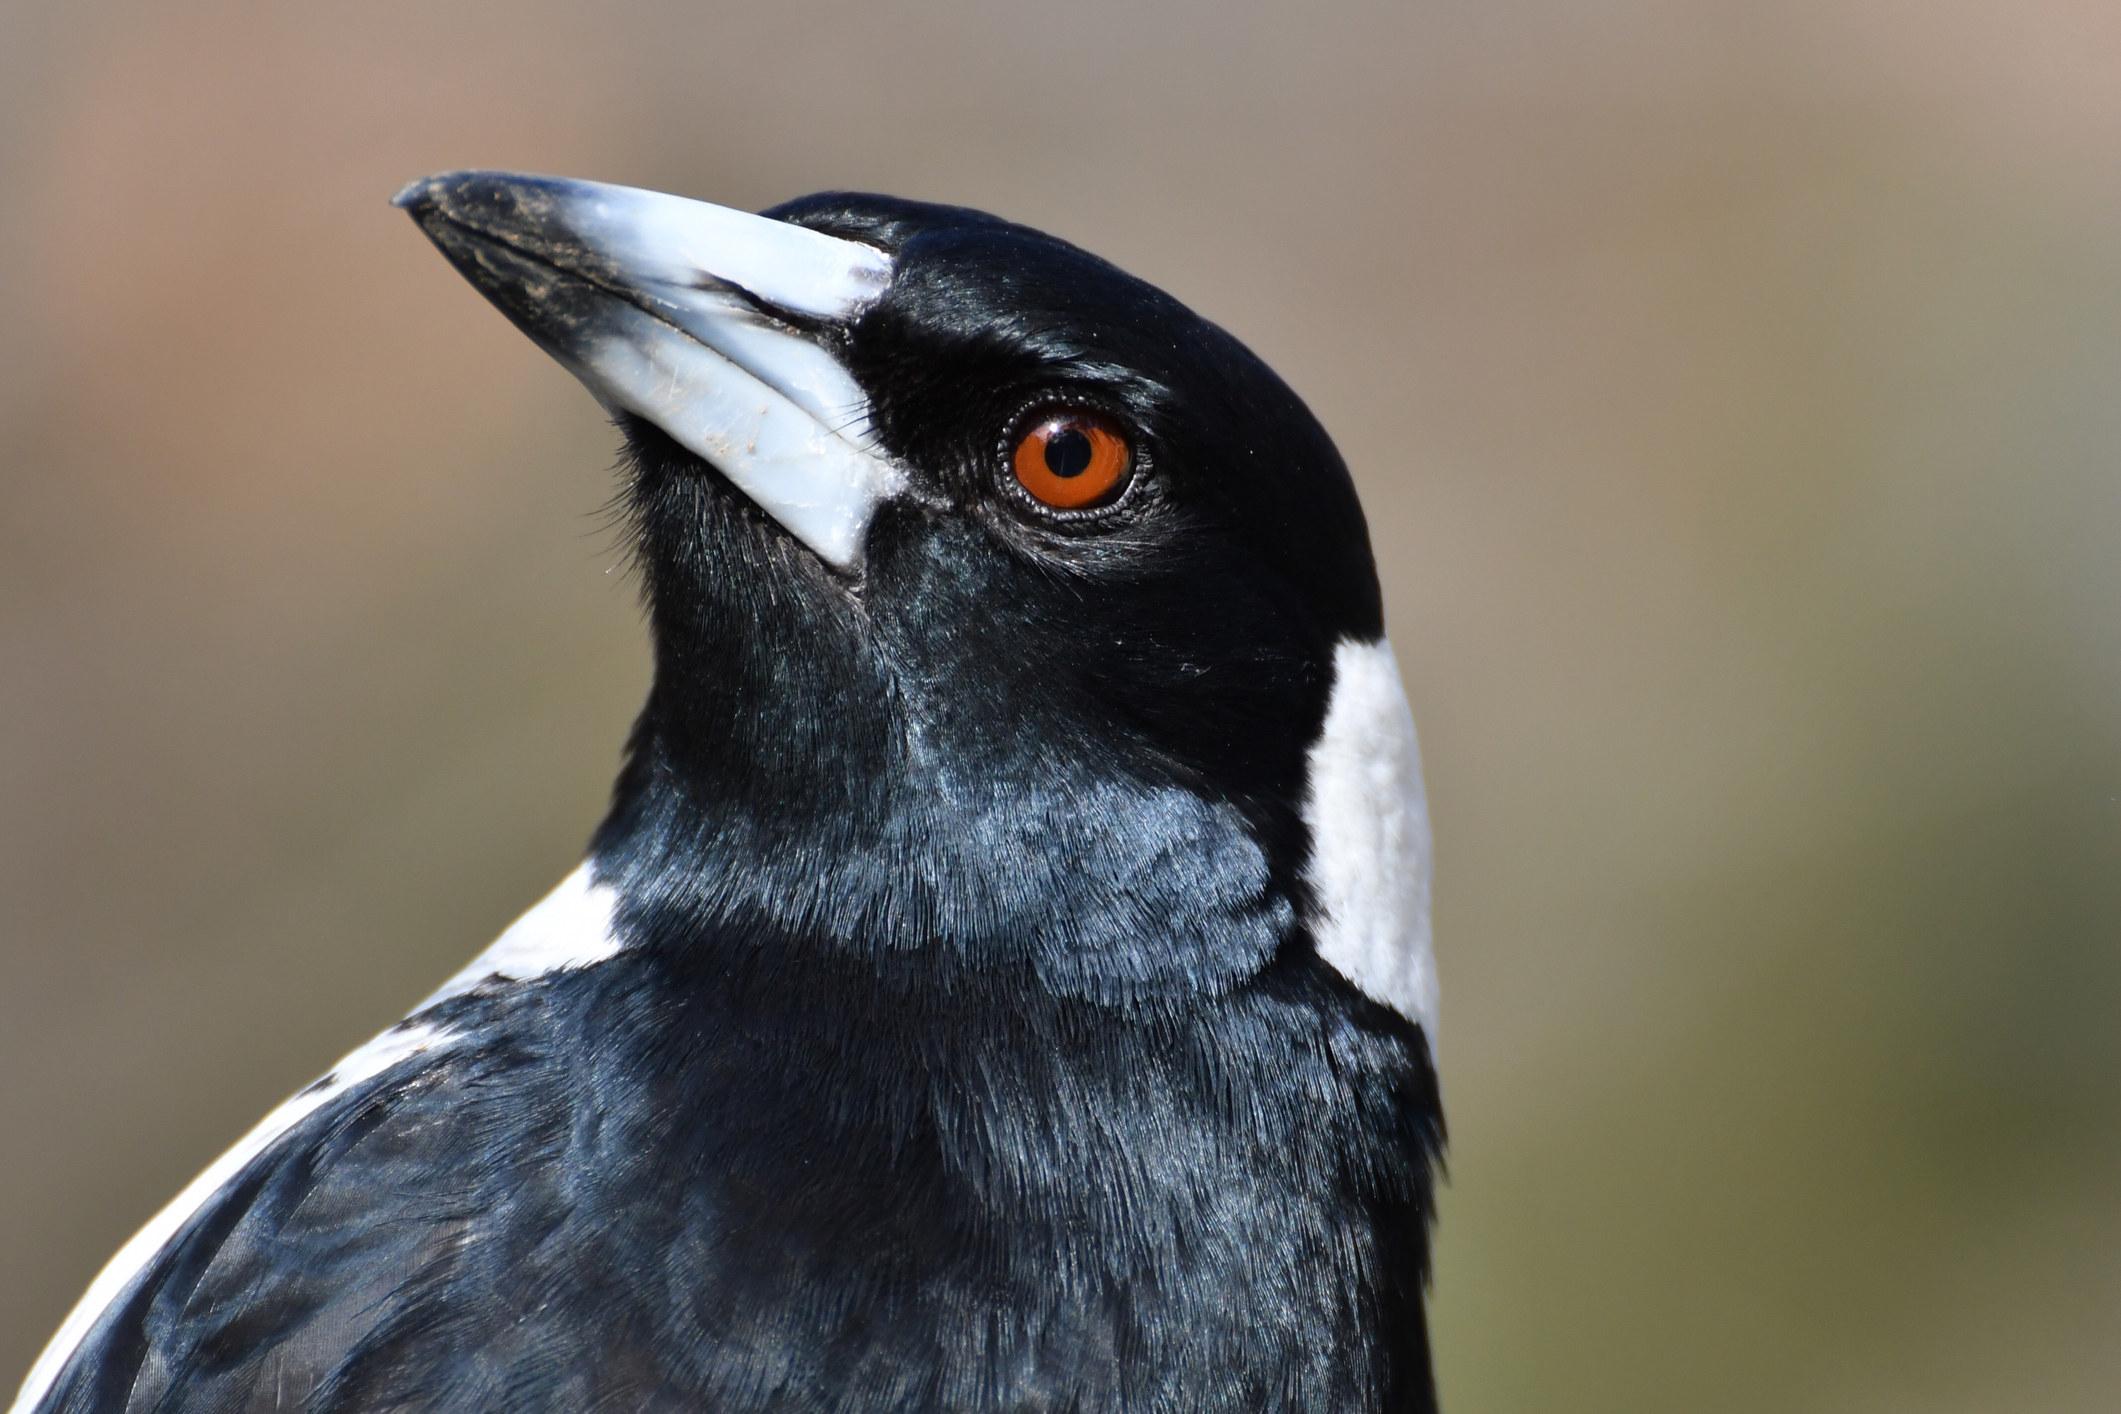 A menacing looking magpie bird